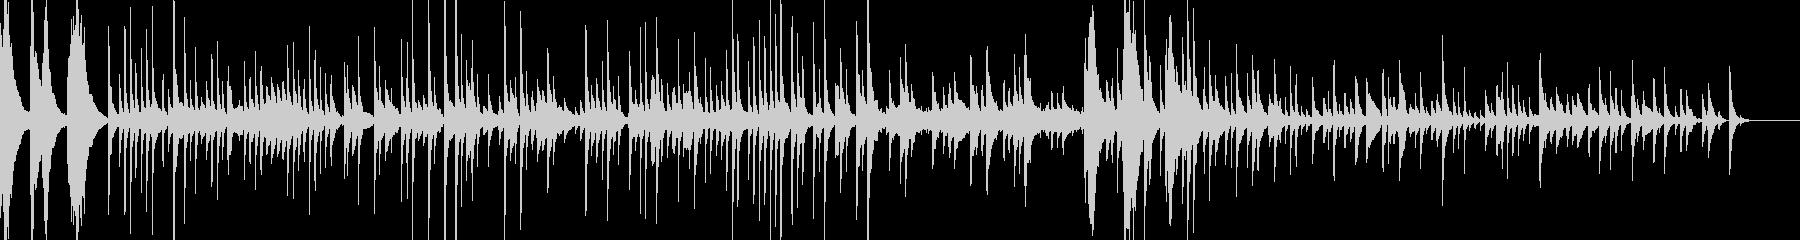 和風、スローテンポの琴BGMの未再生の波形